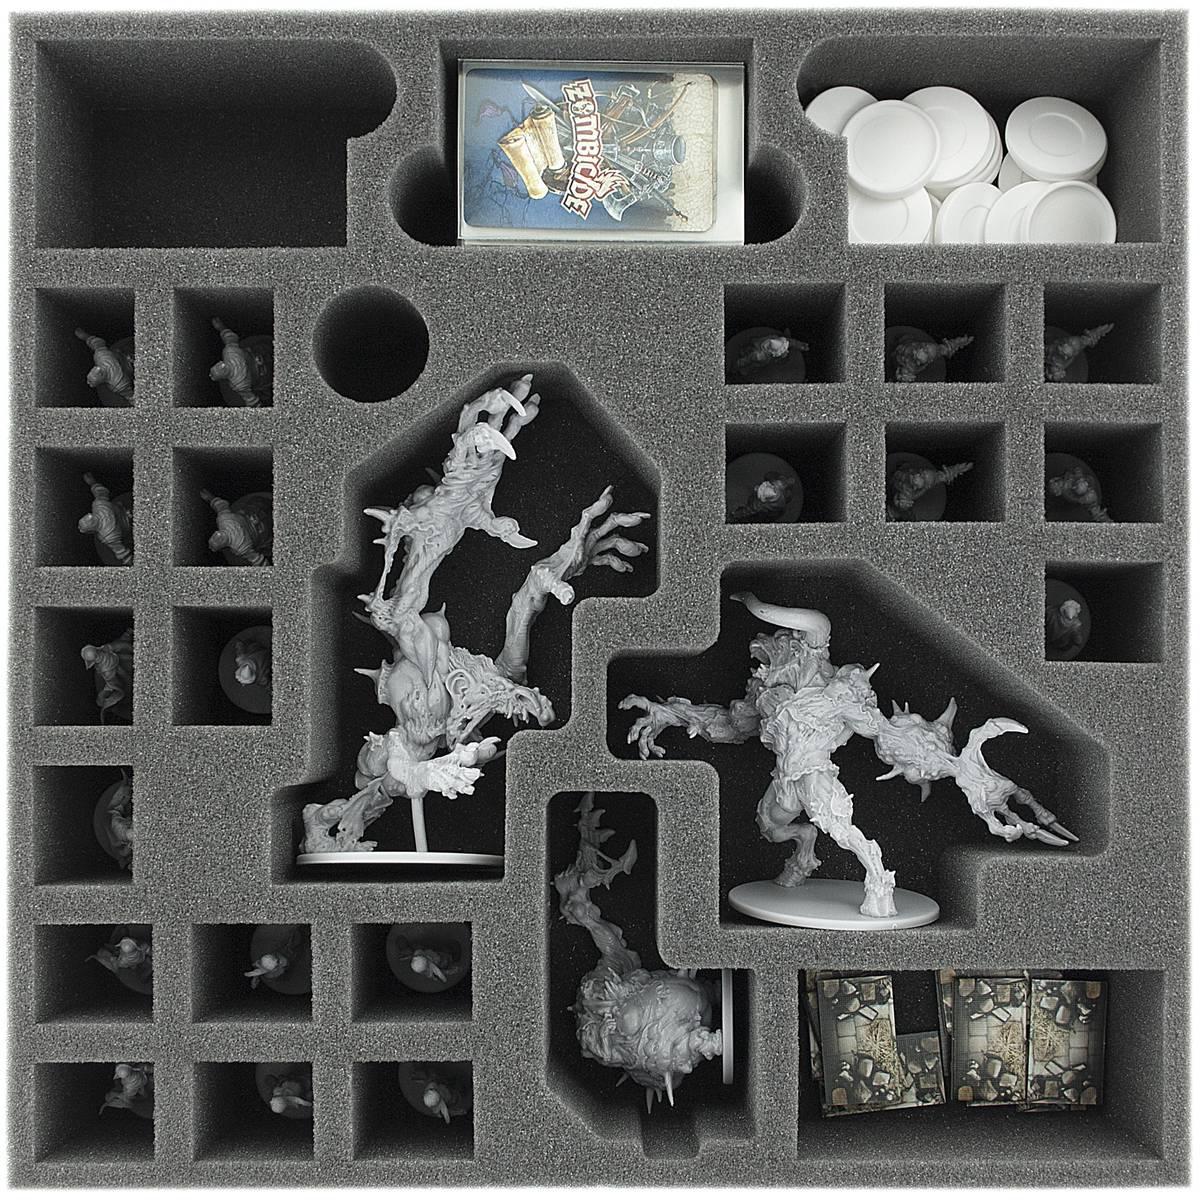 AG065ZC19 65 mm Schaumstoffeinlage für Zombicide Black Plague Monster und NPCs Brettspielbox